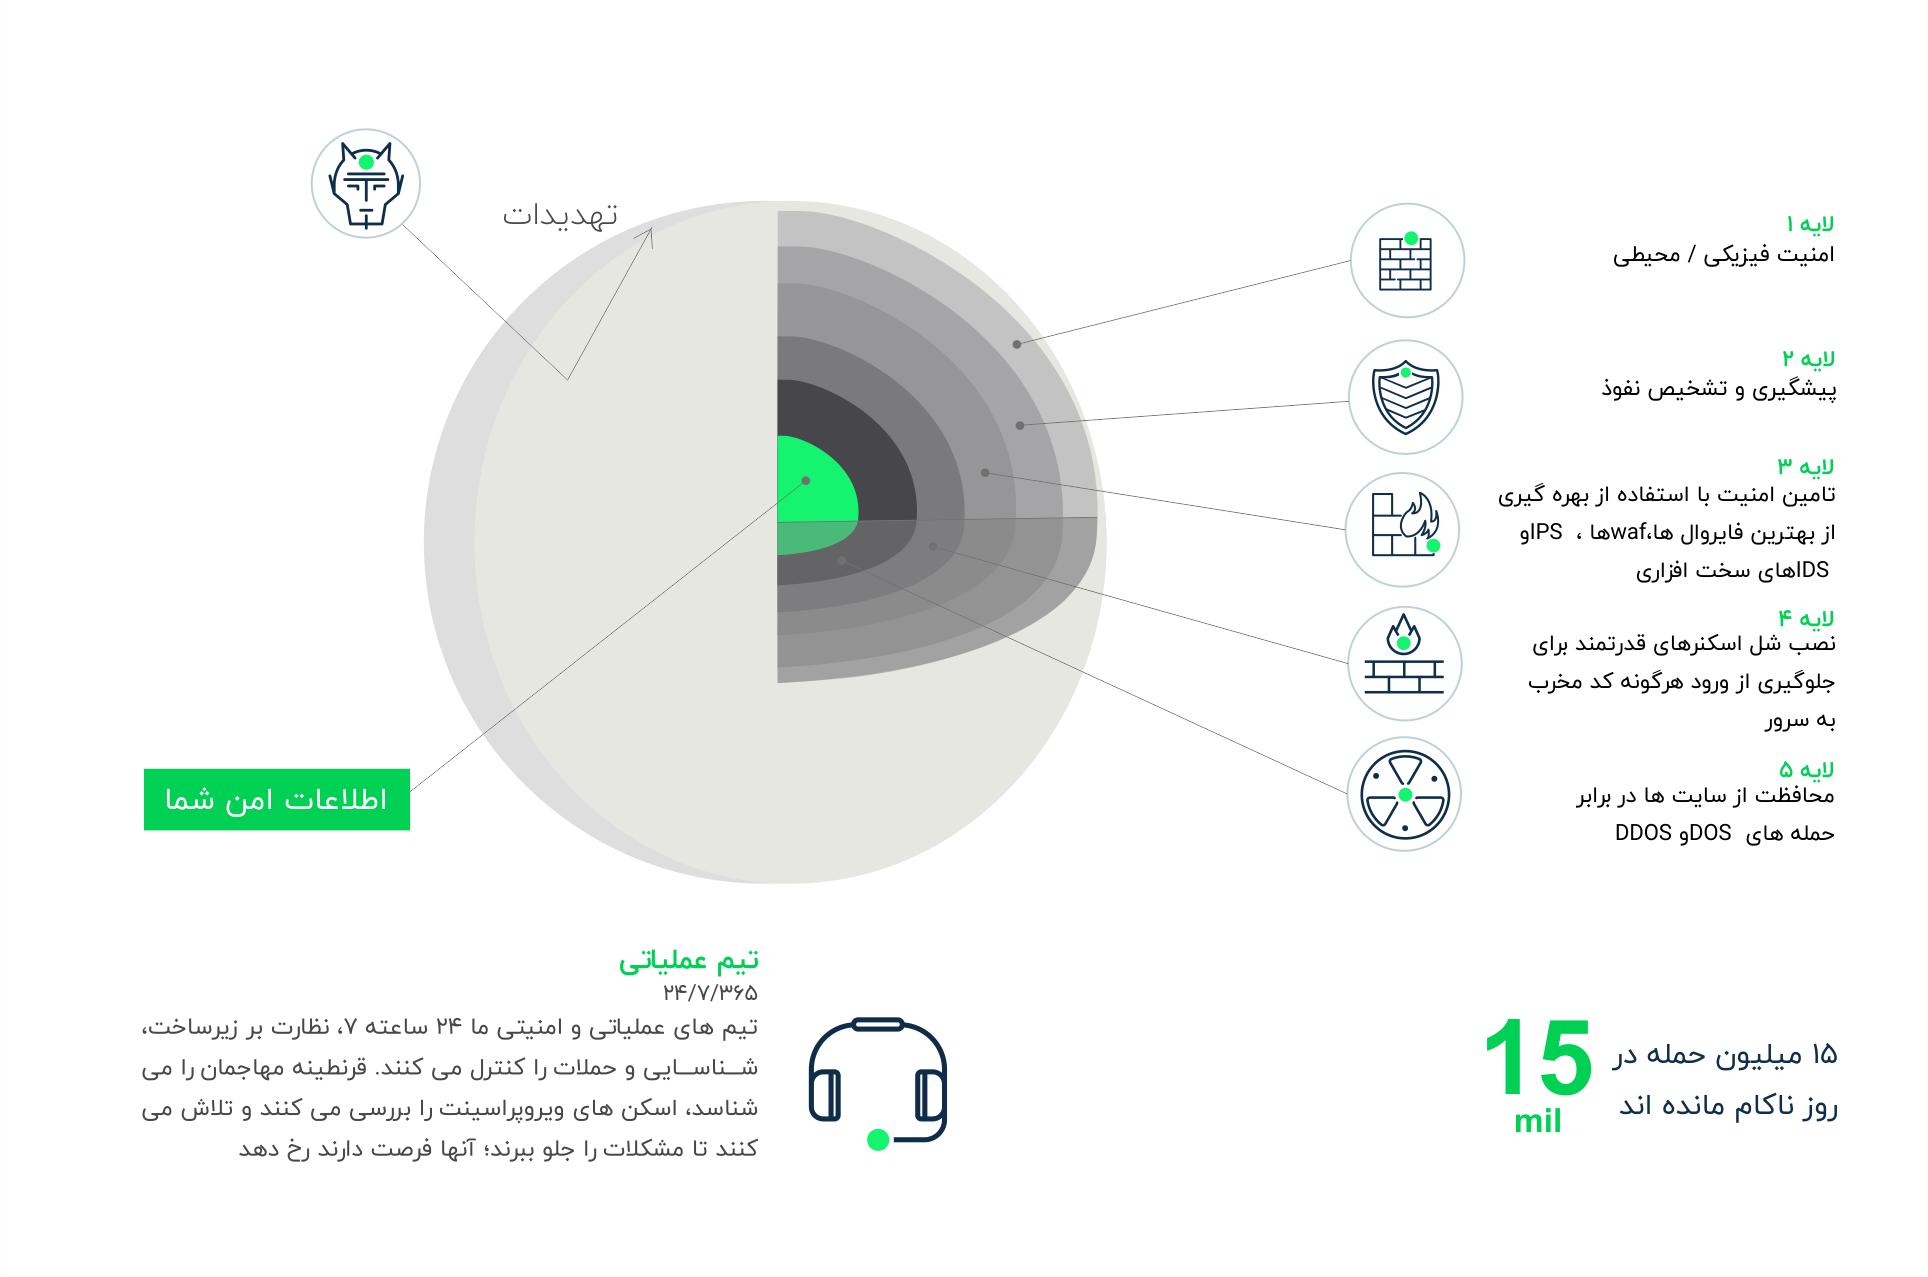 افزایش امنیت اطلاعات وب سایت